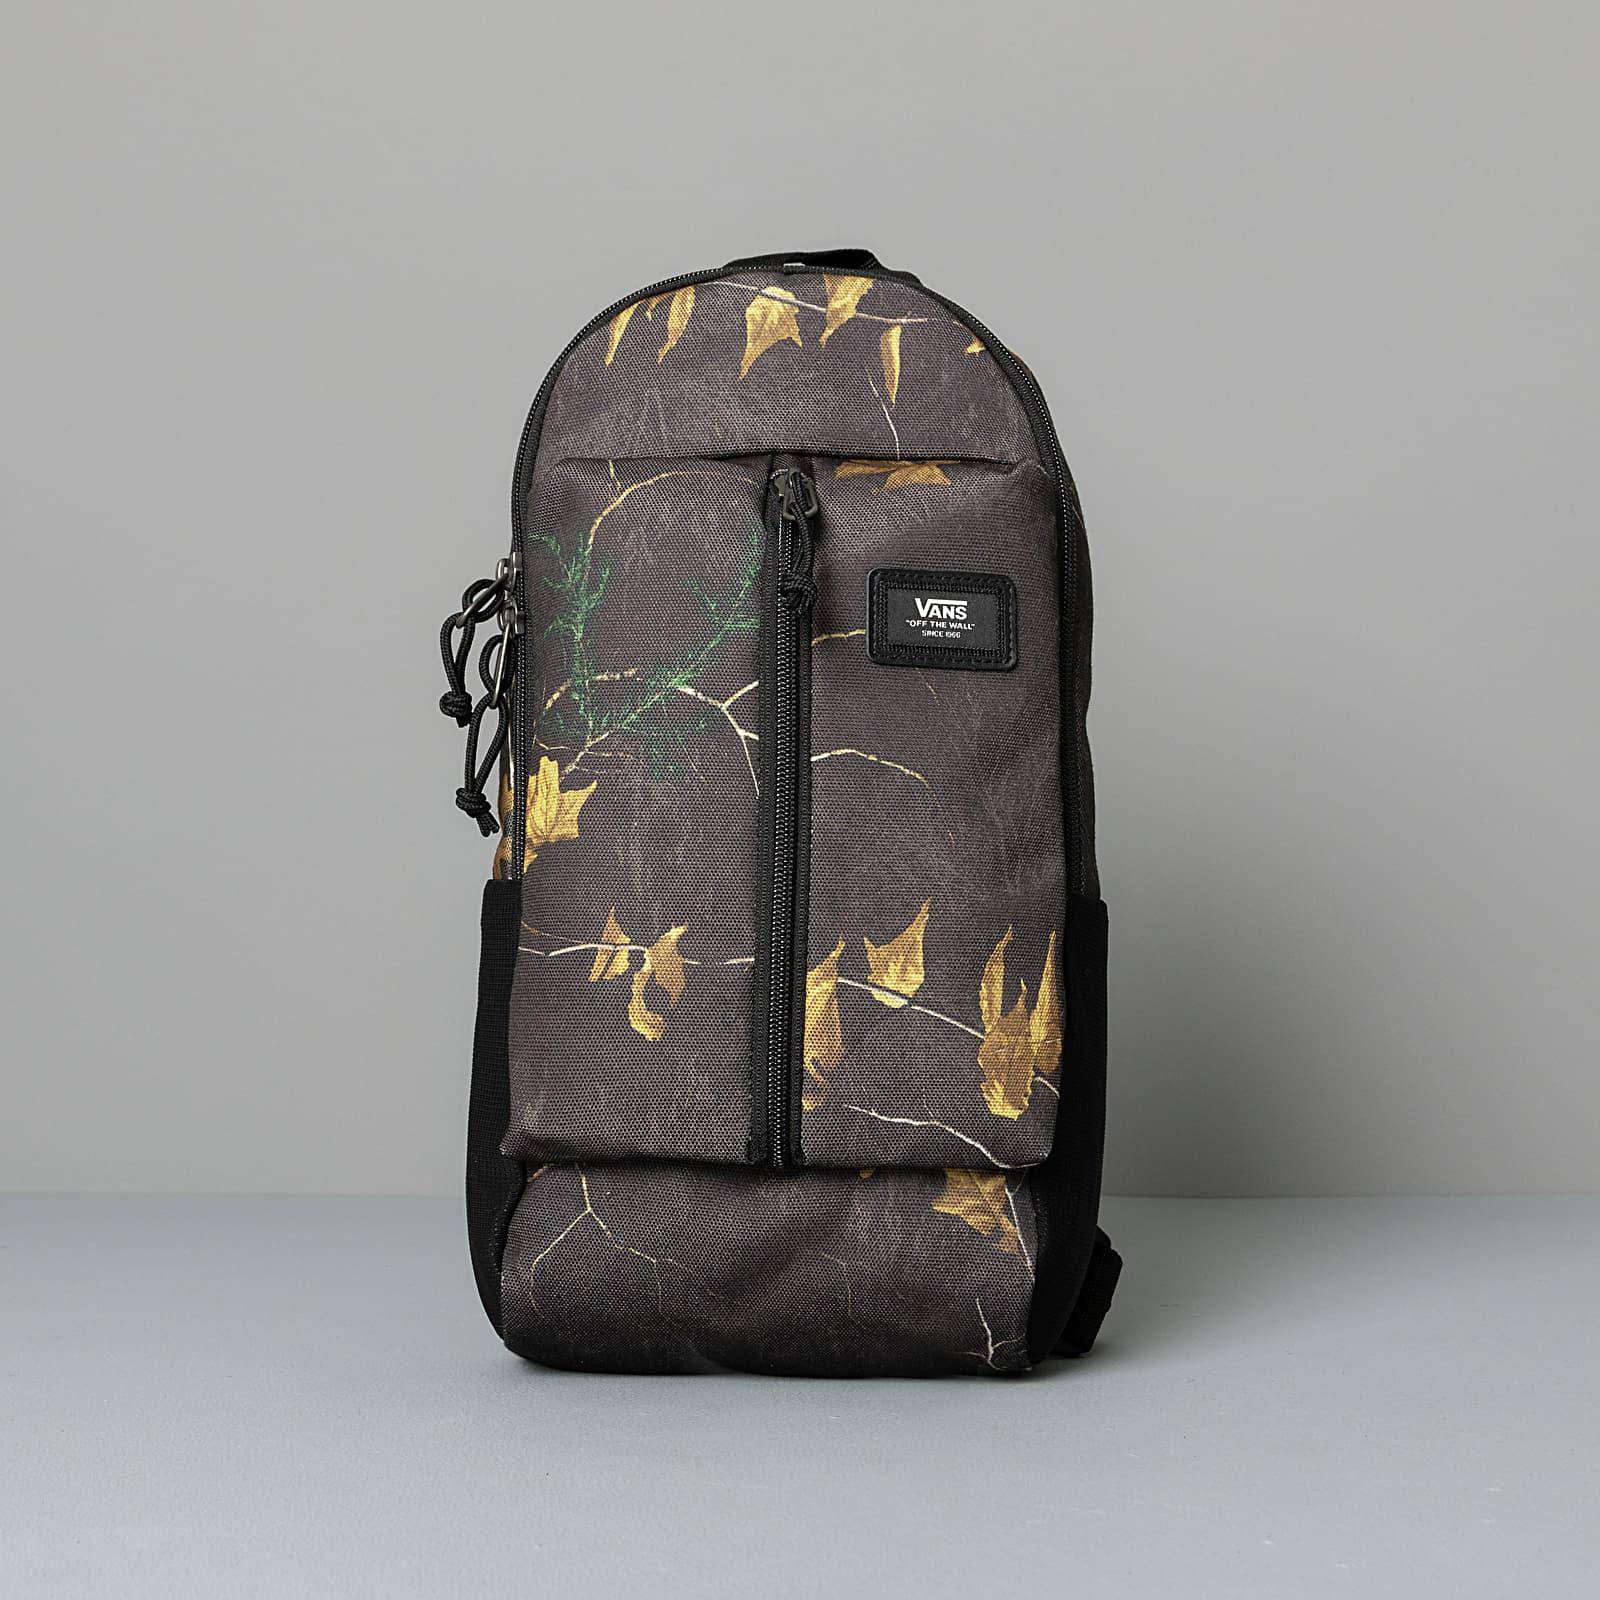 Vans x Realtree Xtra® Warp Sling Bag